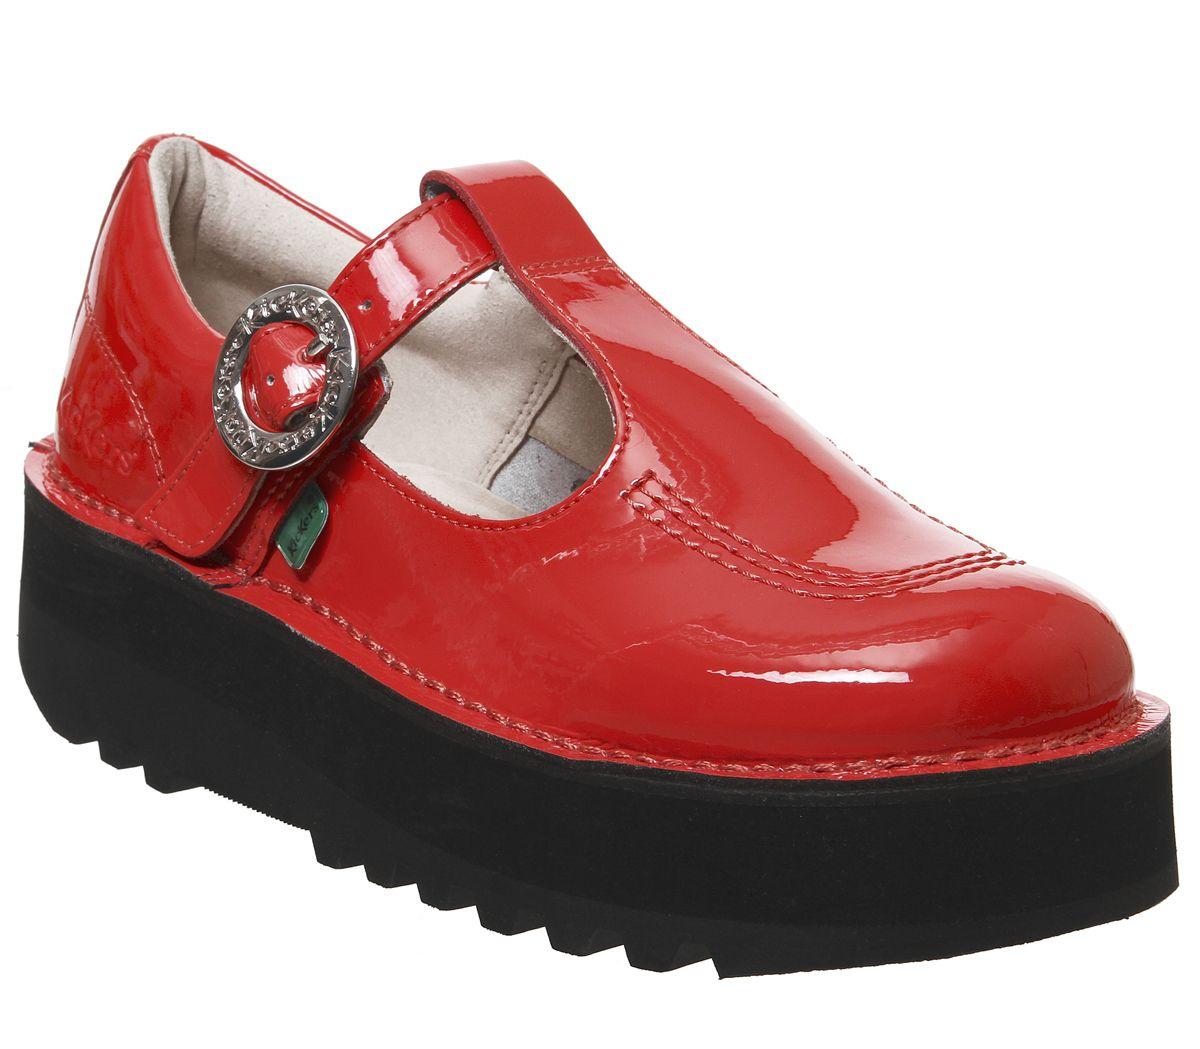 Détails sur Bottines Femme Kickers Kick Trixie Barre en T Chaussures Rouge Cuir verni Chaussures afficher le titre d'origine